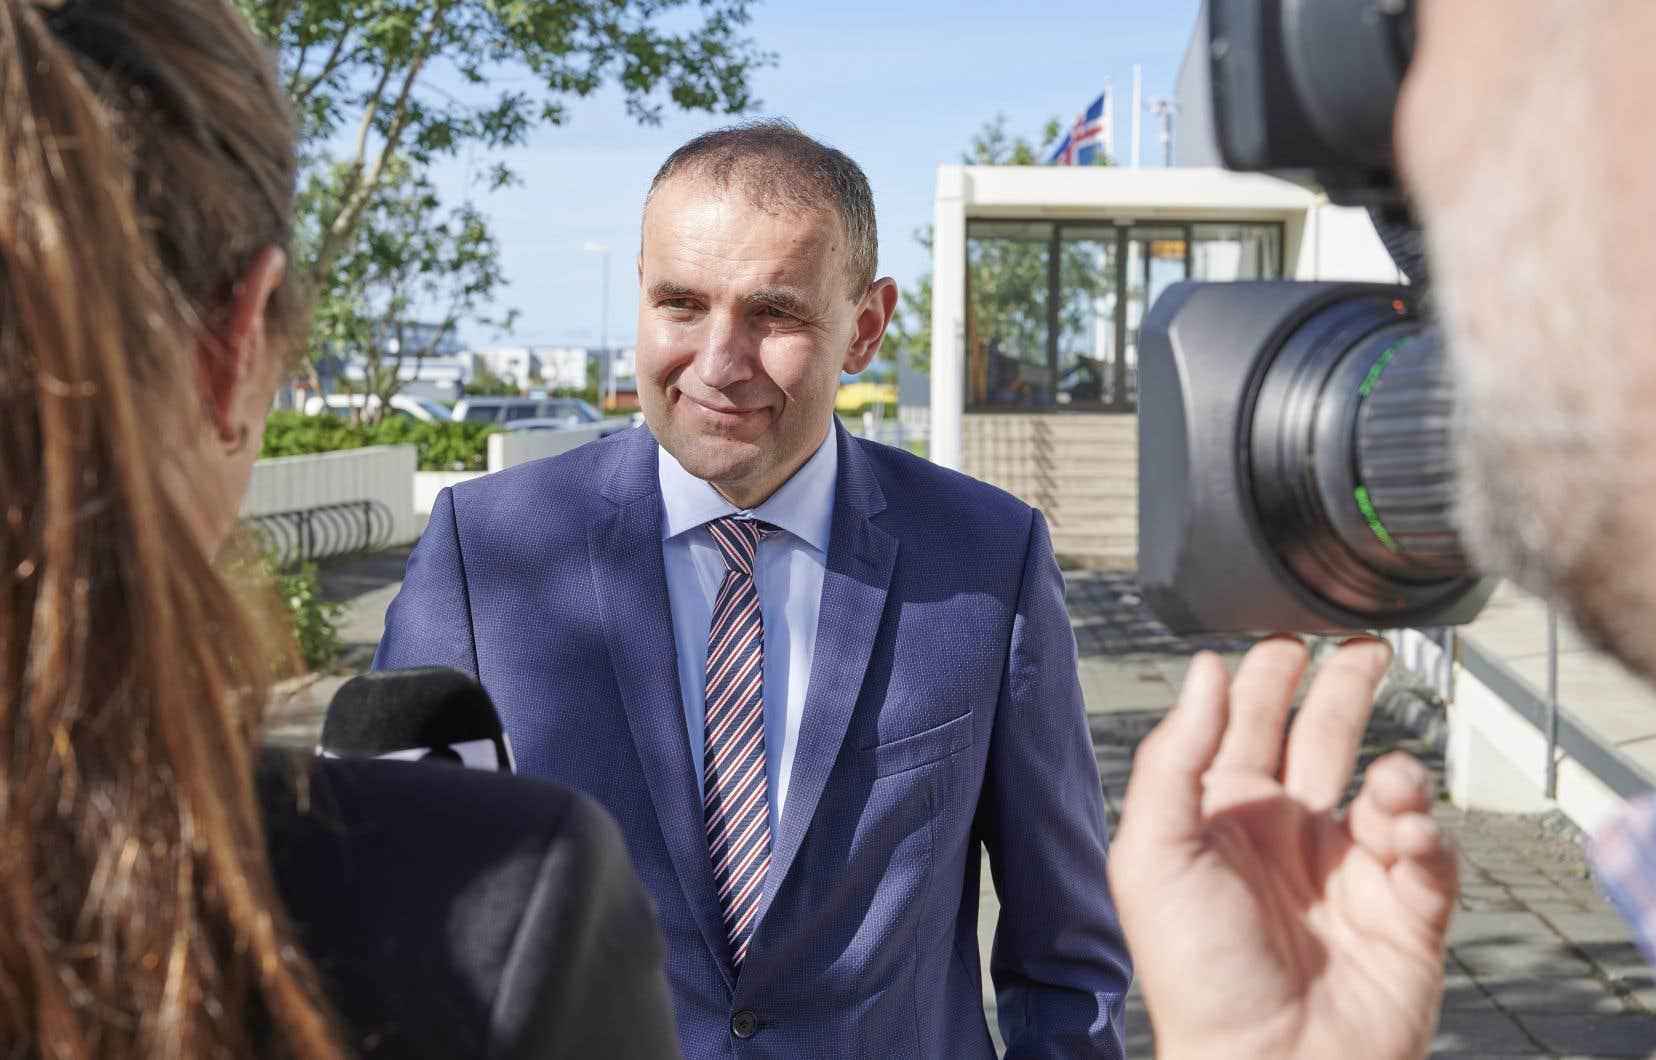 Gudni Johannesson, un professeur d'histoire sans étiquette politique, a été réélu pour un mandat de quatre ans.